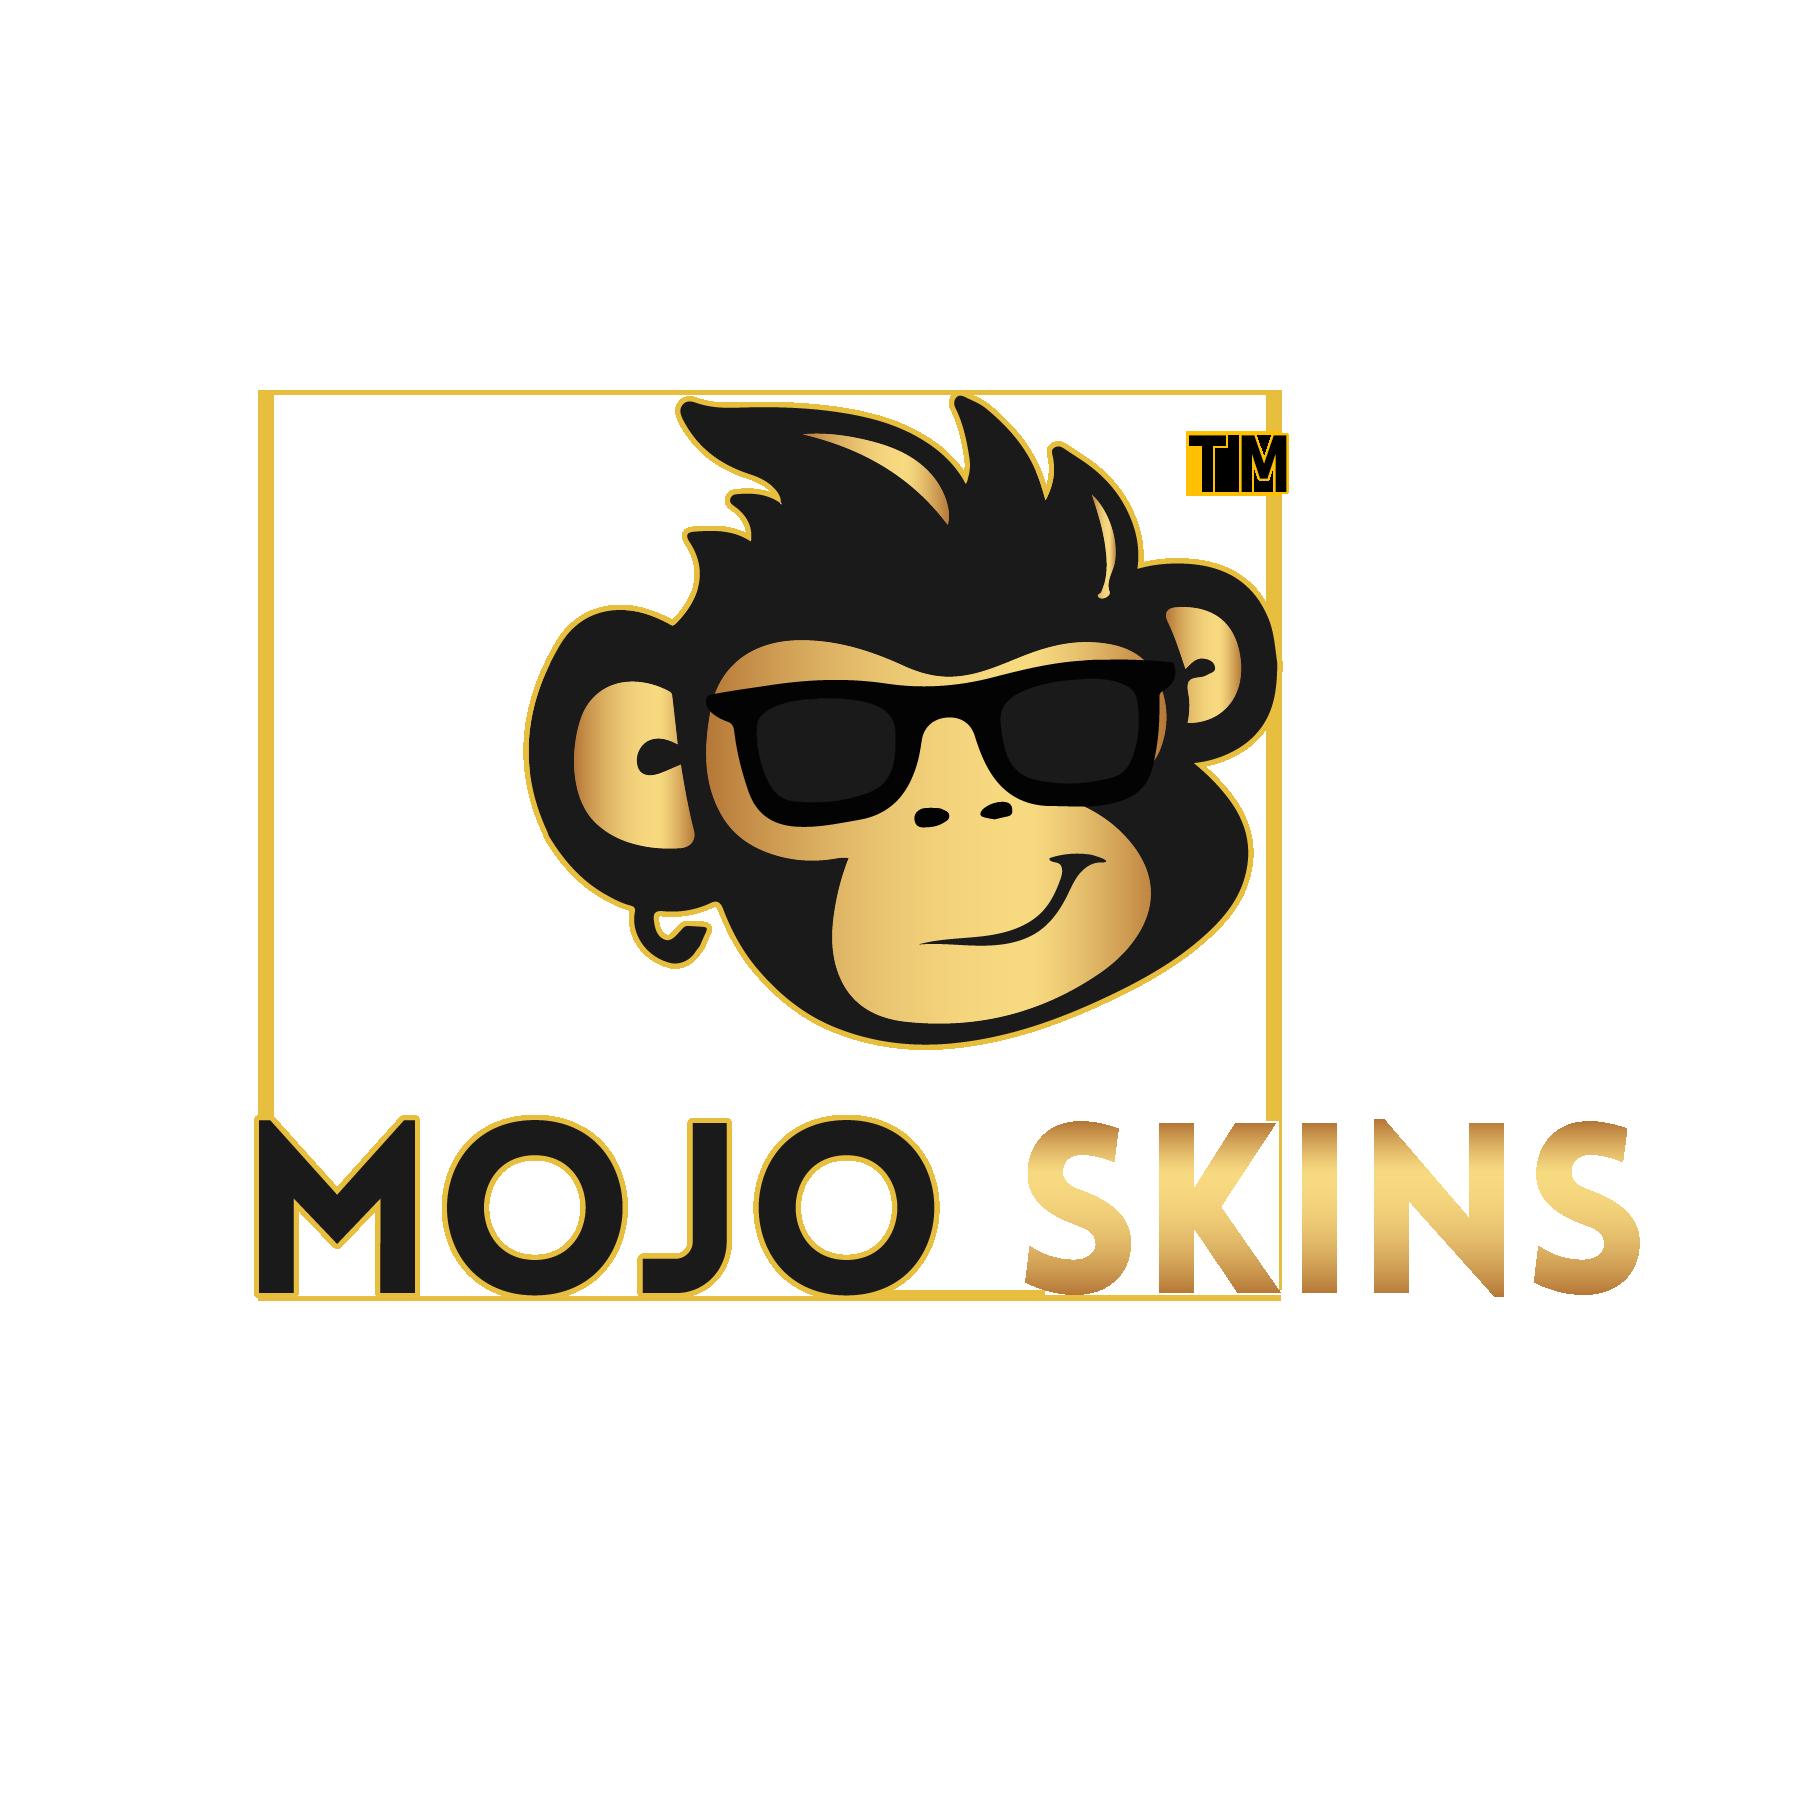 Mojoskins